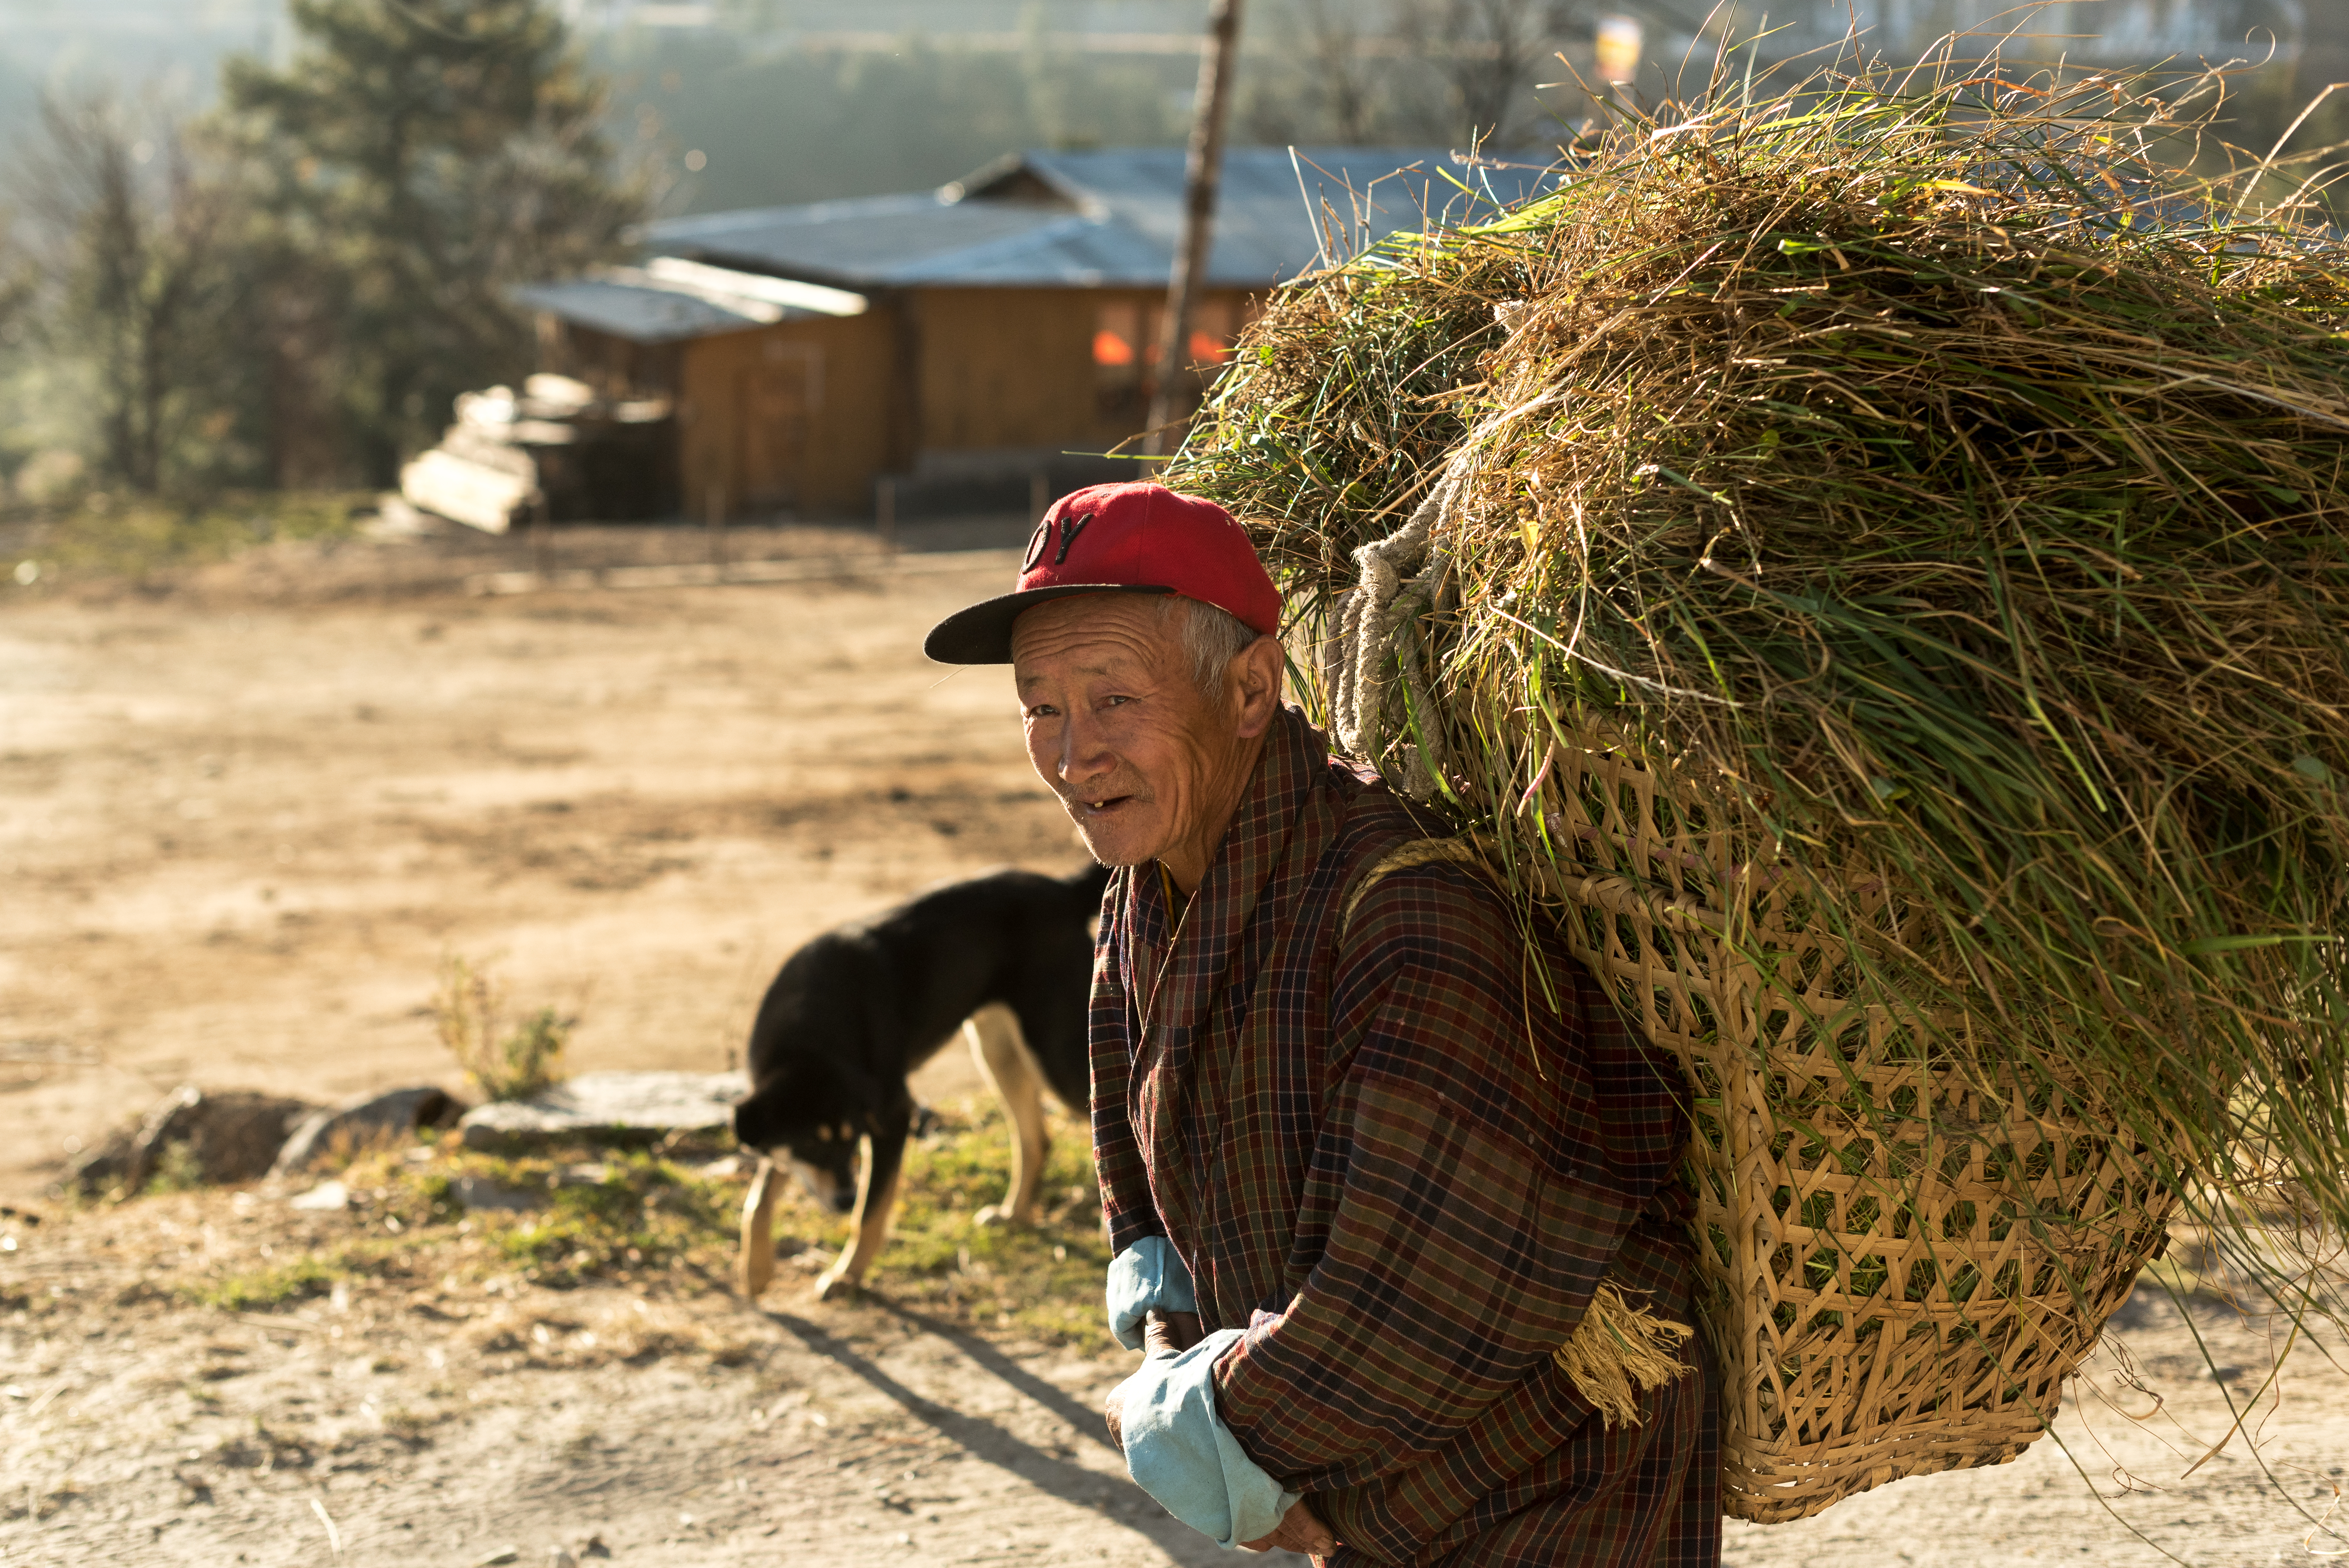 Gran parte de los butaneses viven de la agricultura, y a pesar de realizar tareas pesadas, lo viven con gratitud